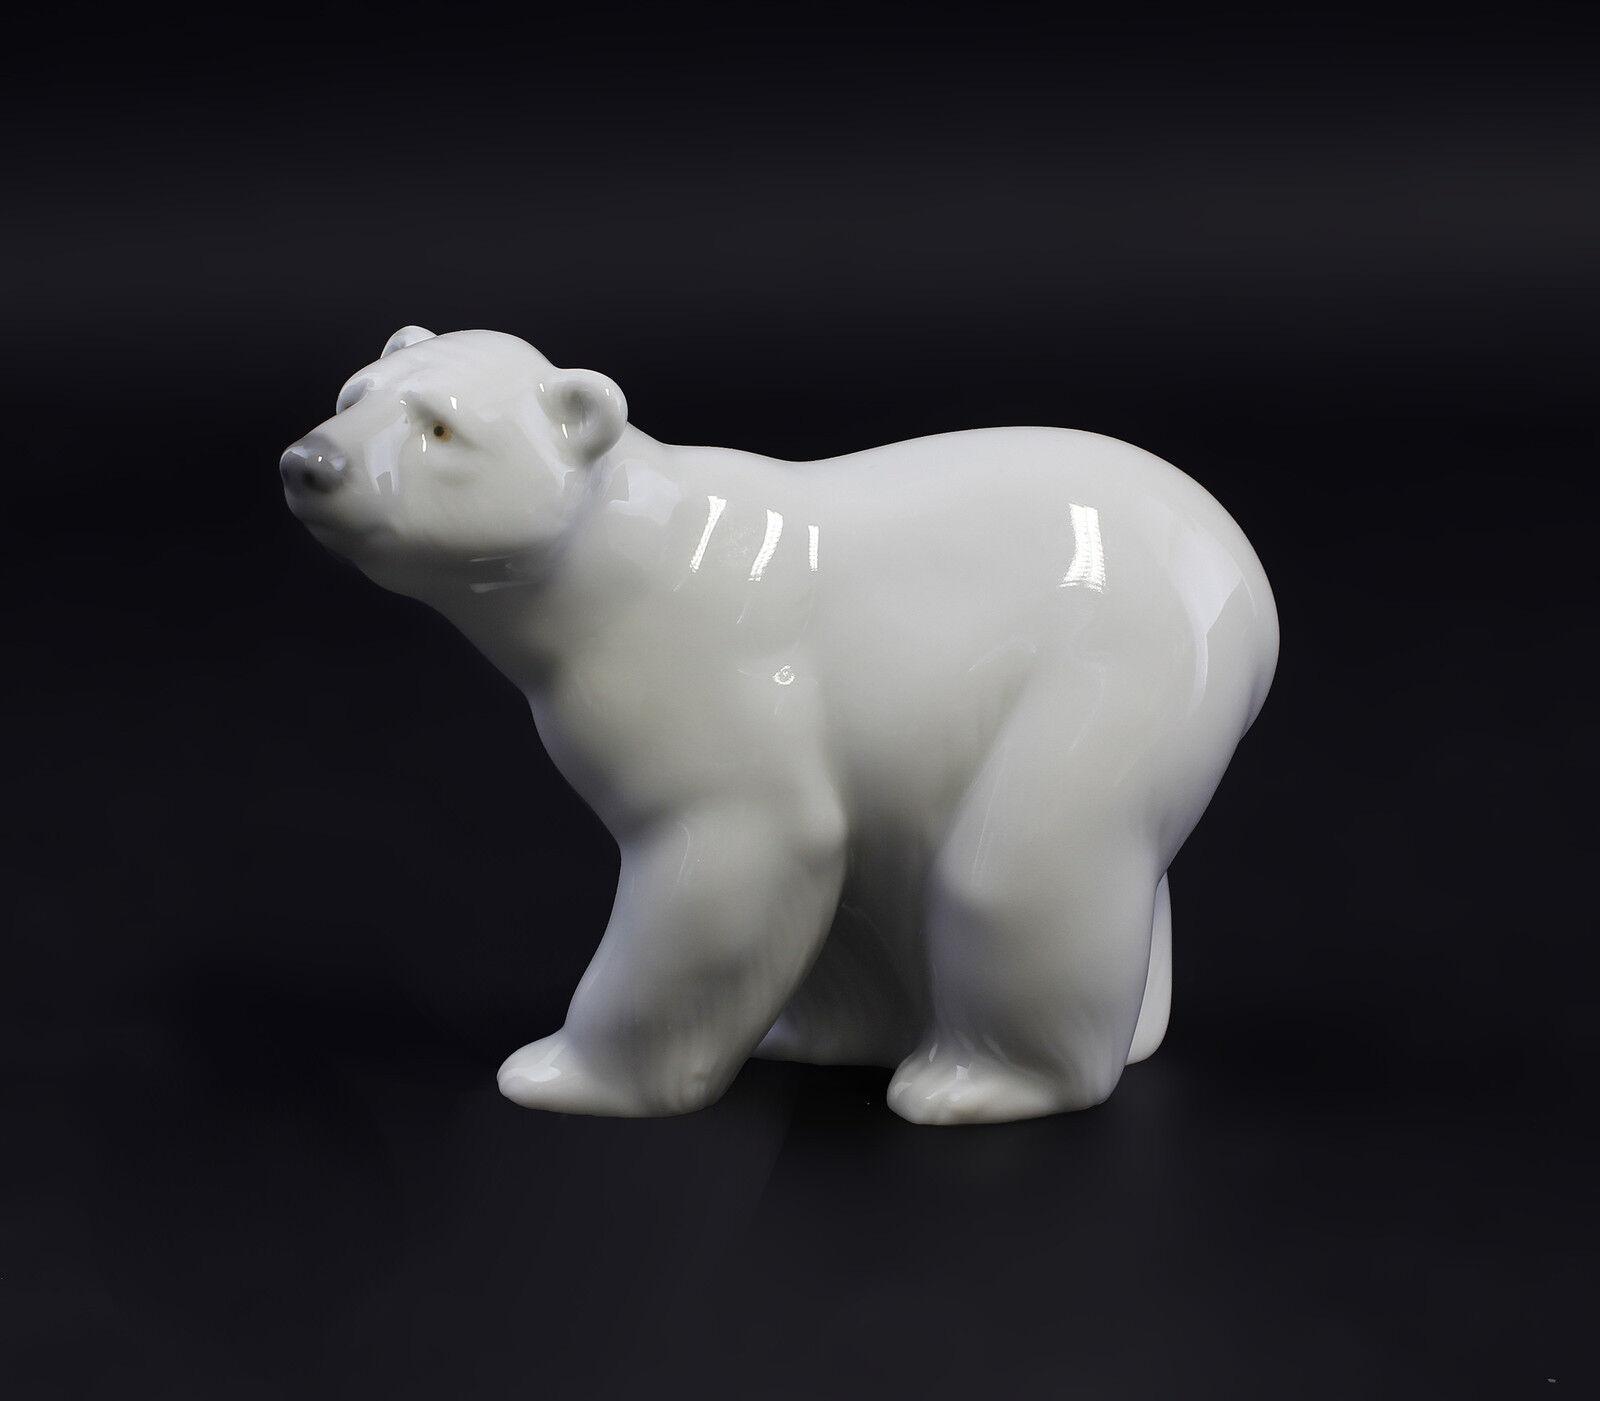 9998004 Porzellan Eisbär Bär aufmerksam Lladro Spanien  10x13x6cm